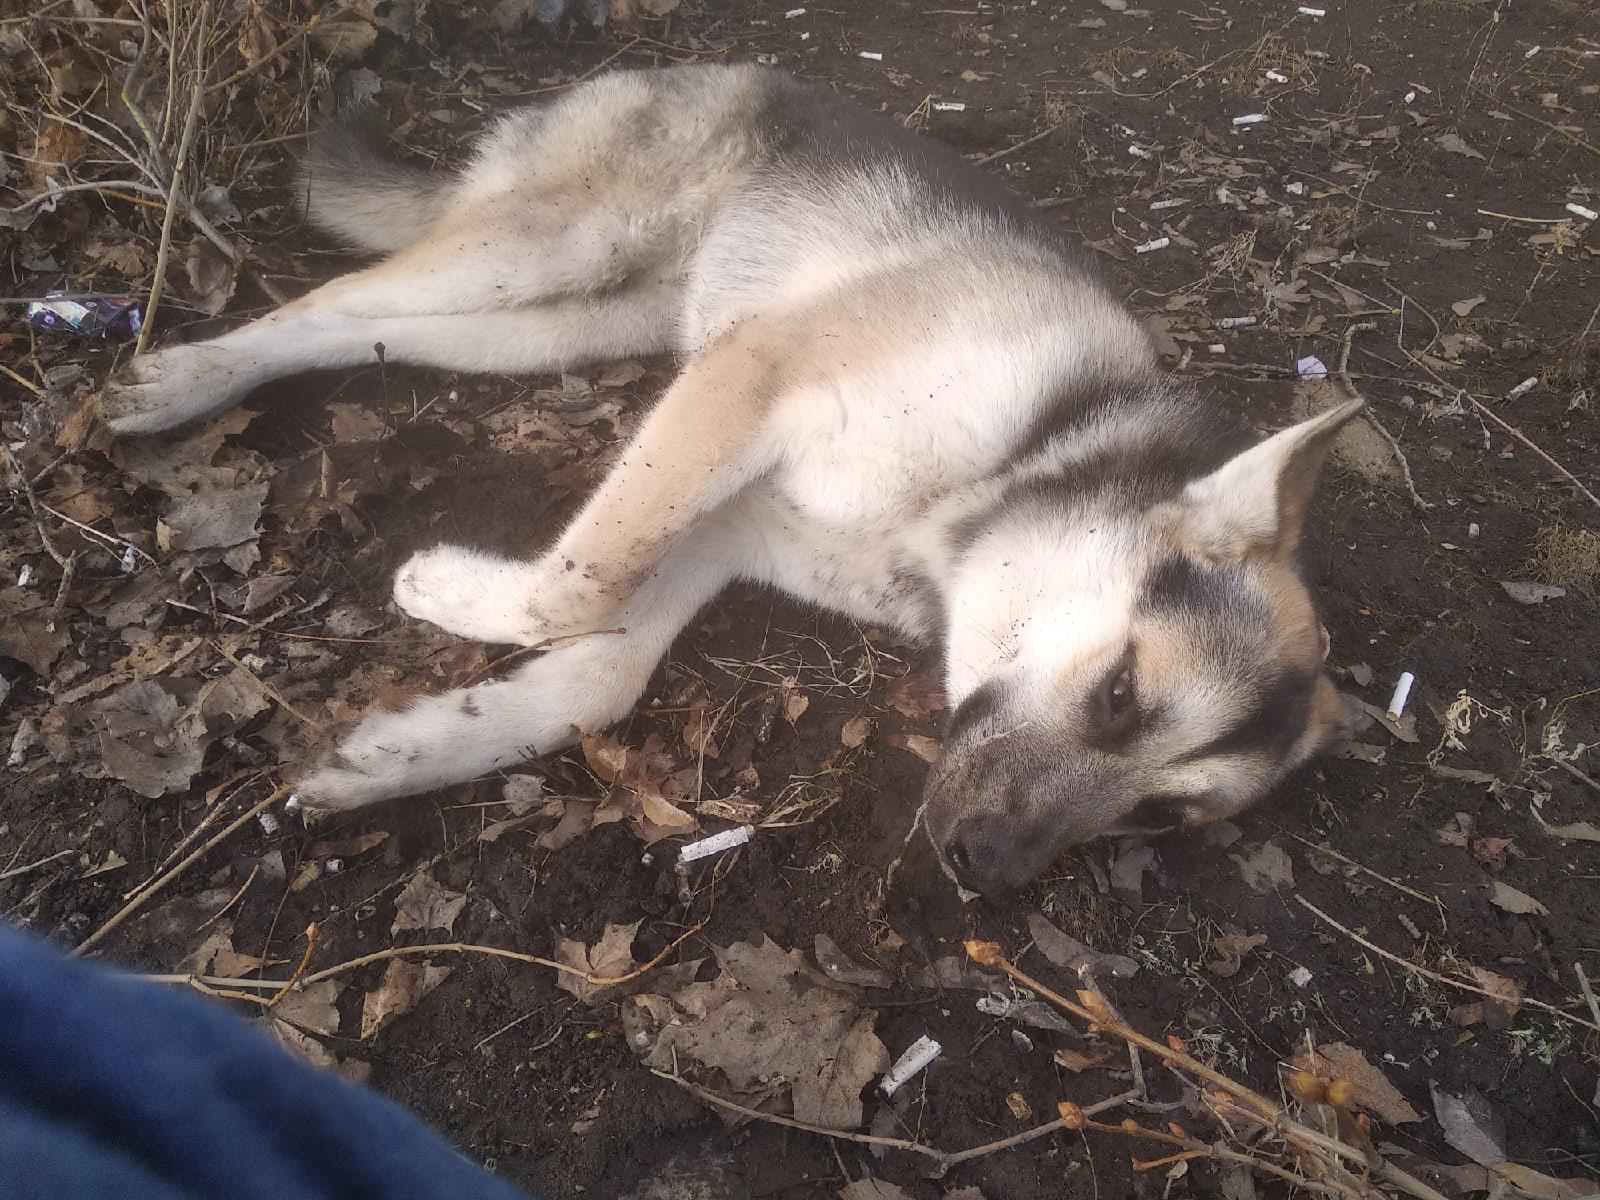 В Тольятти спасают собаку, которая упала с 6 этажа